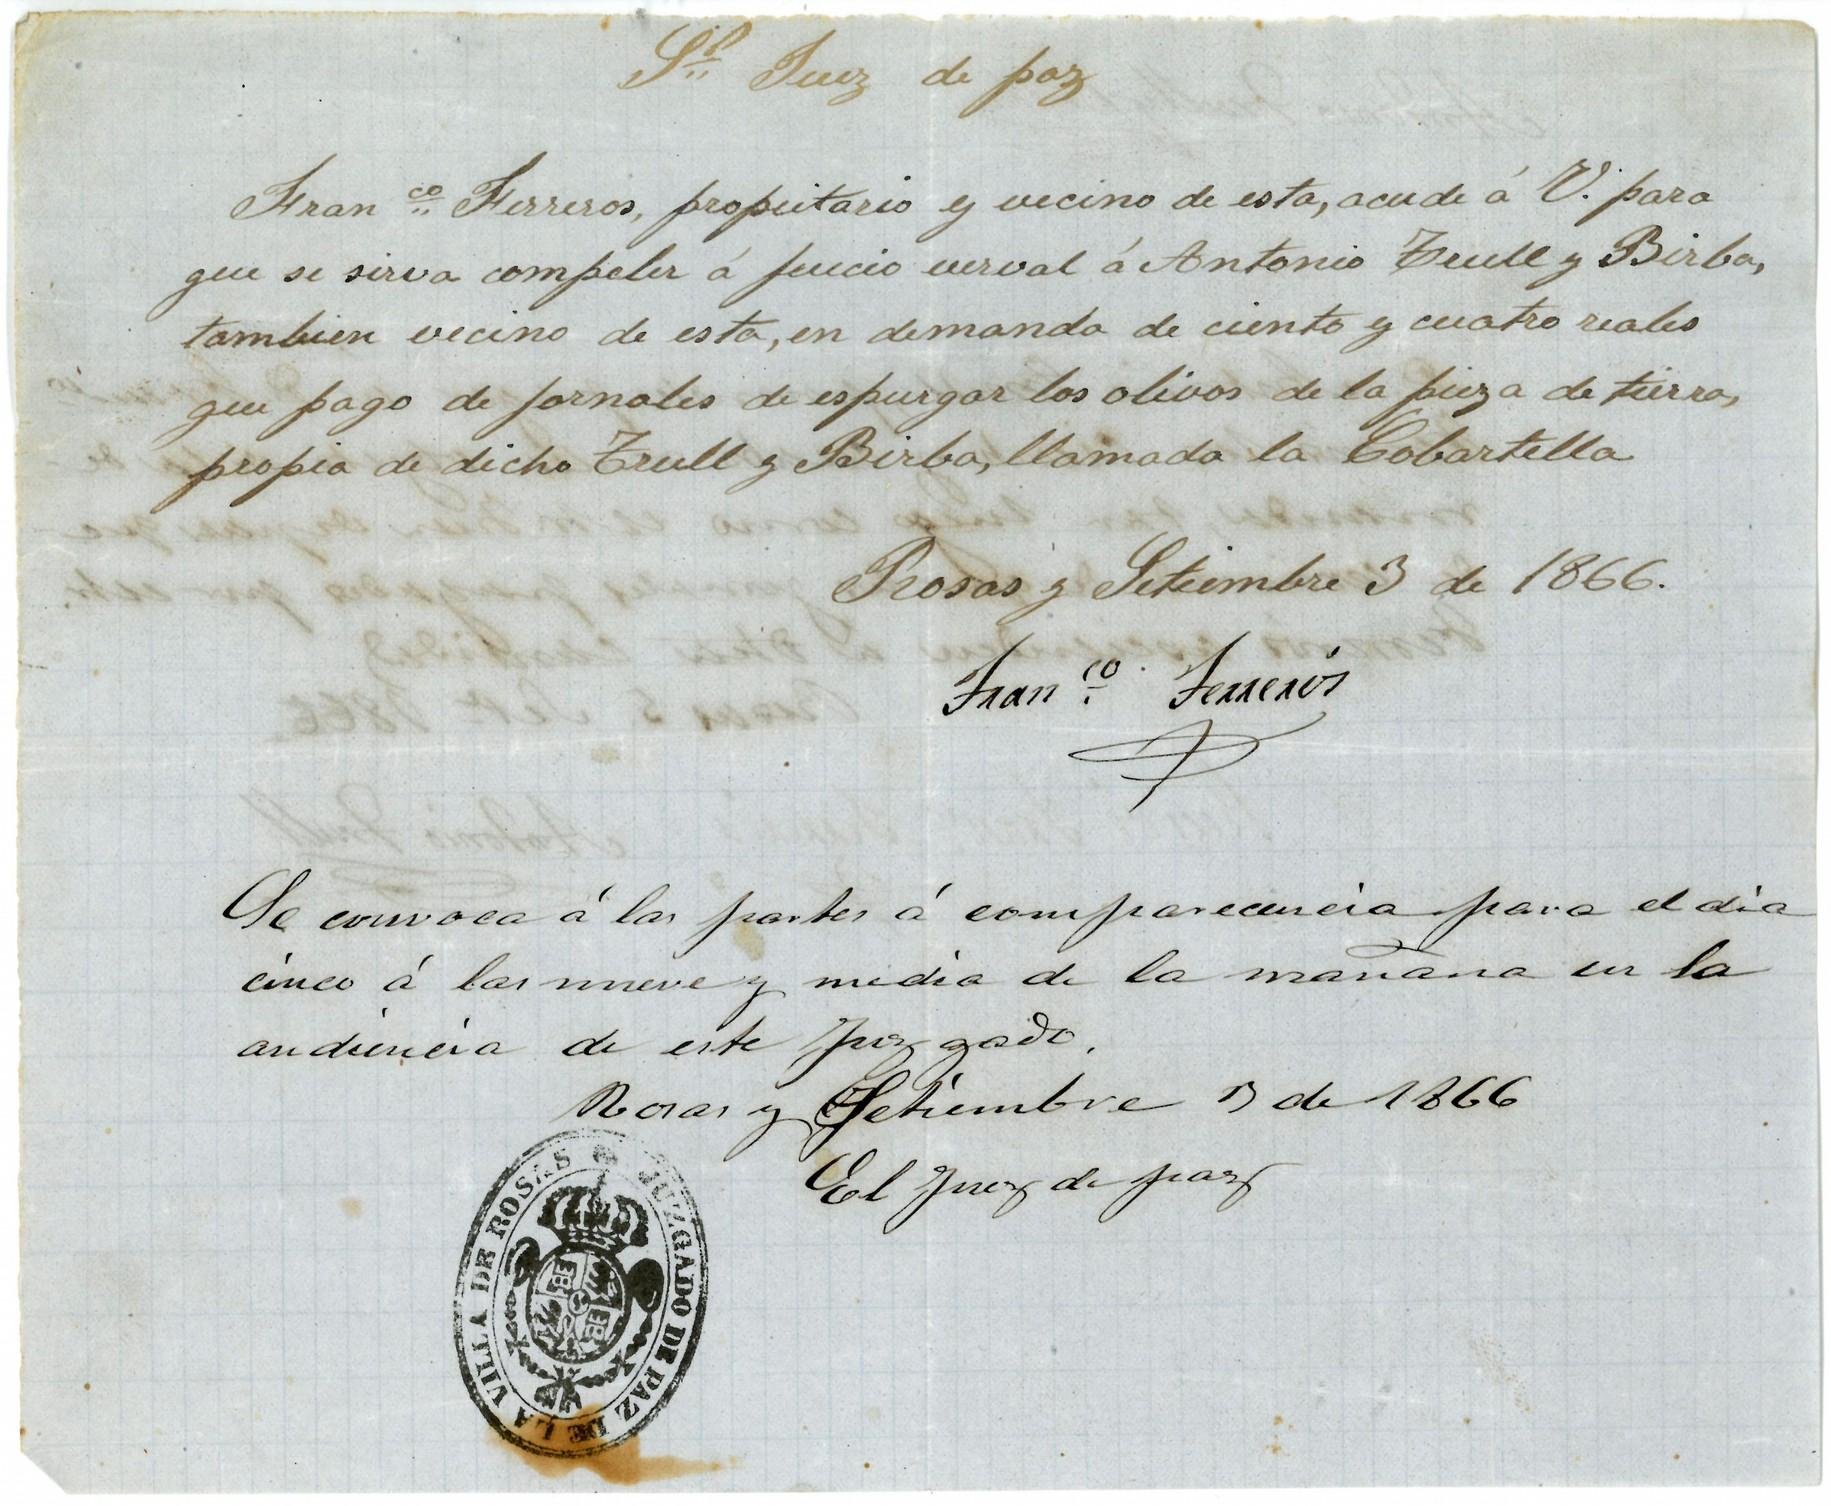 L'Arxiu Municipal de Roses destaca un judici oral de 1866 en el Document del Mes